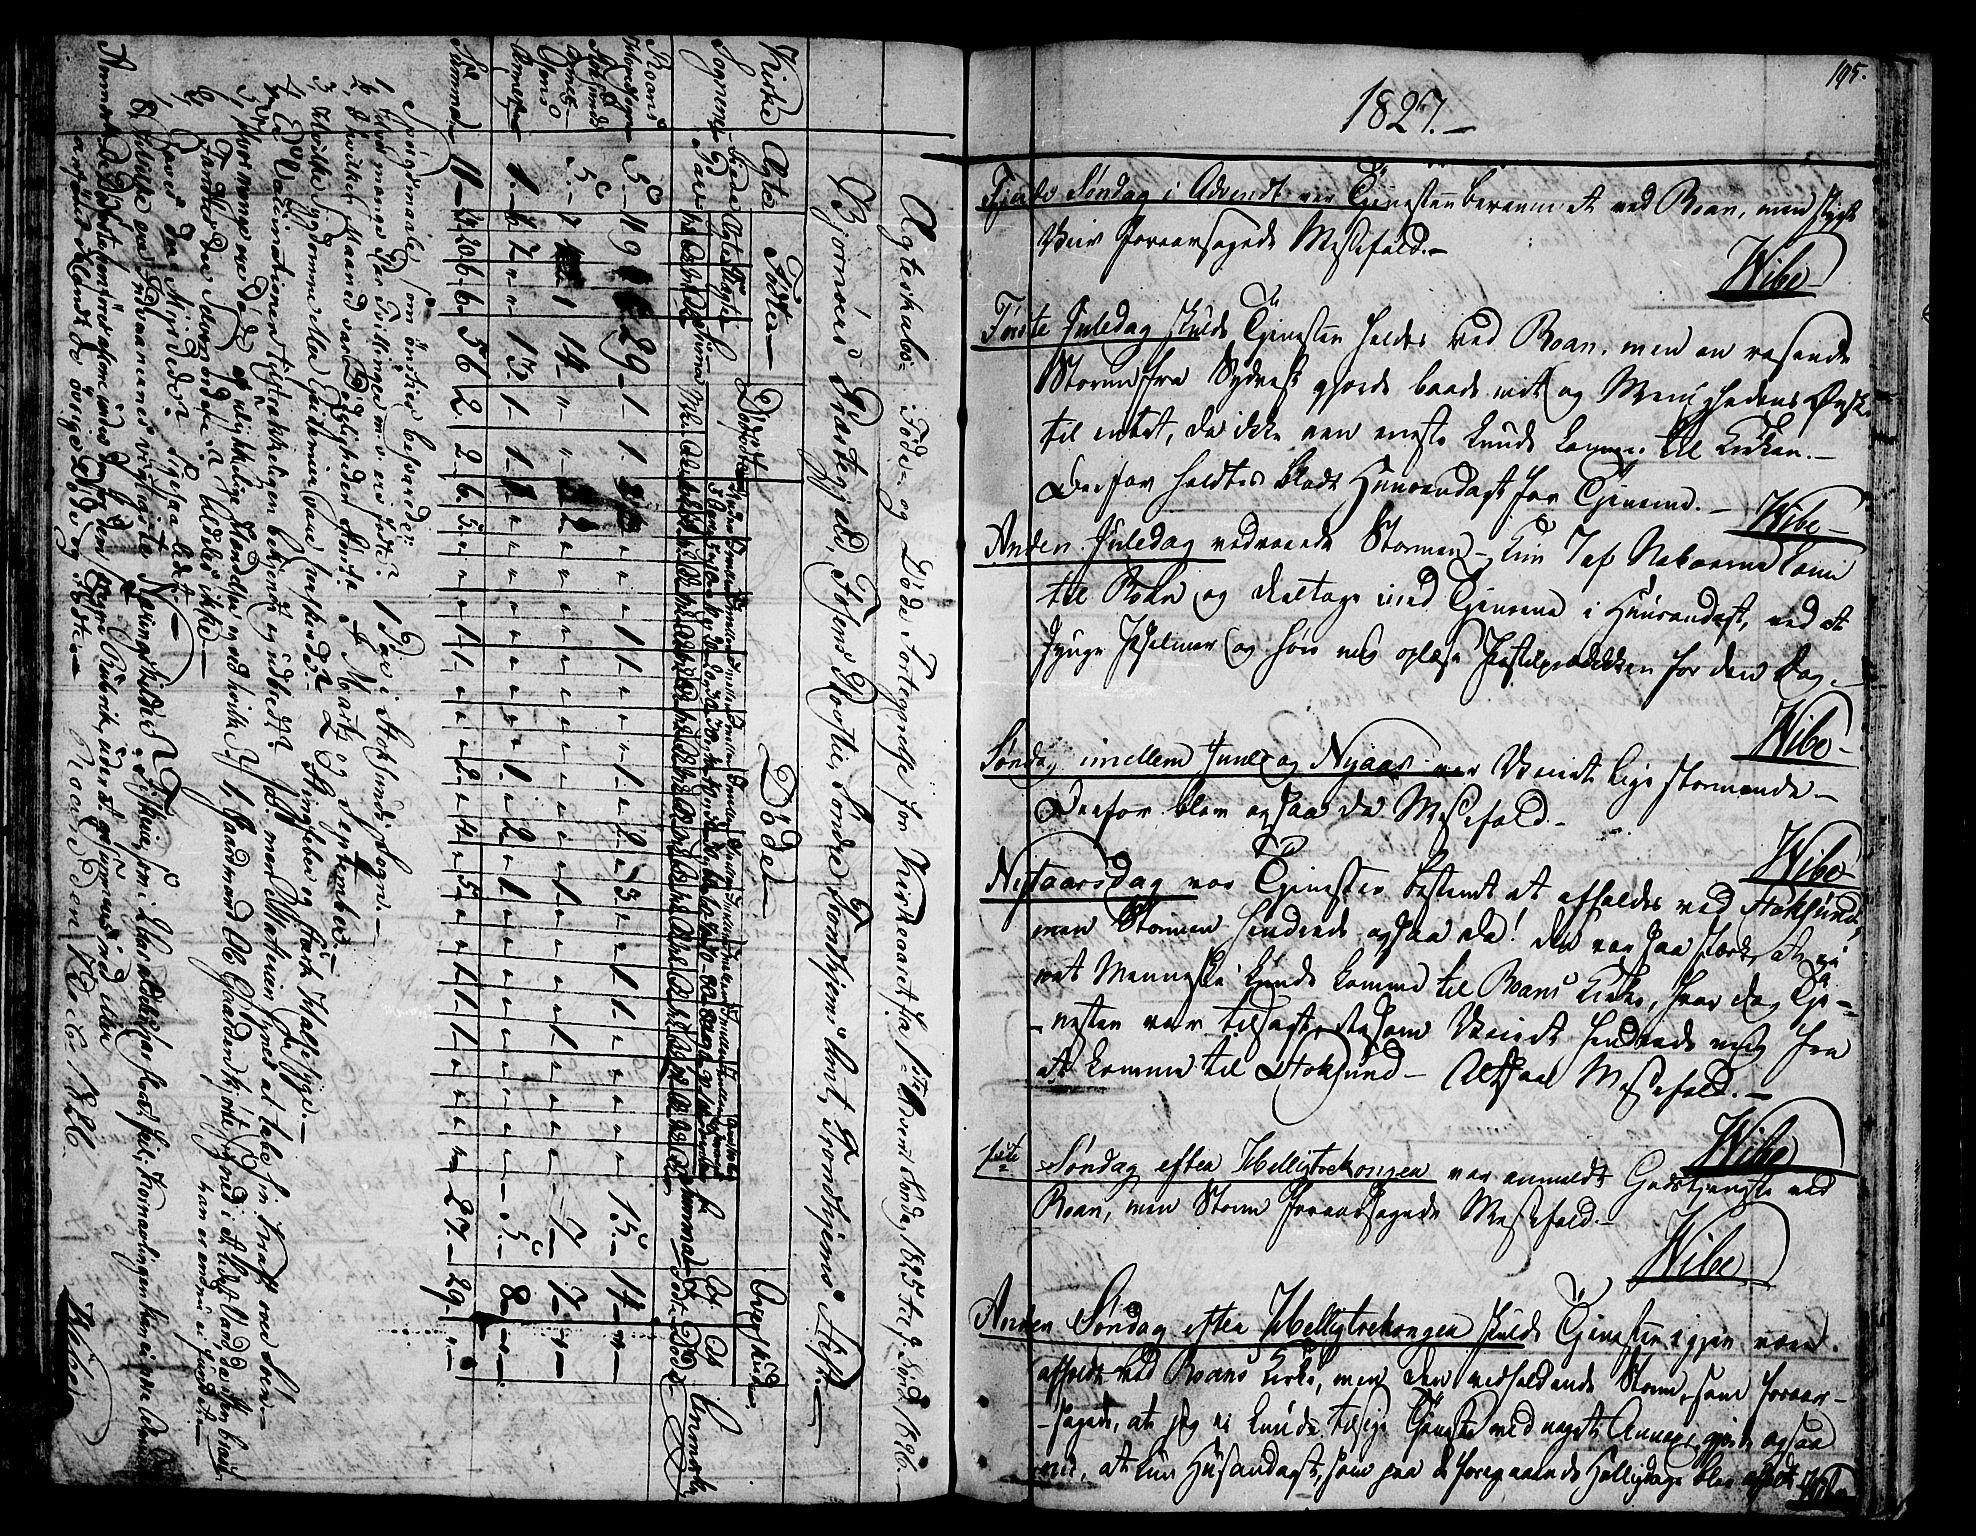 SAT, Ministerialprotokoller, klokkerbøker og fødselsregistre - Sør-Trøndelag, 657/L0701: Ministerialbok nr. 657A02, 1802-1831, s. 195